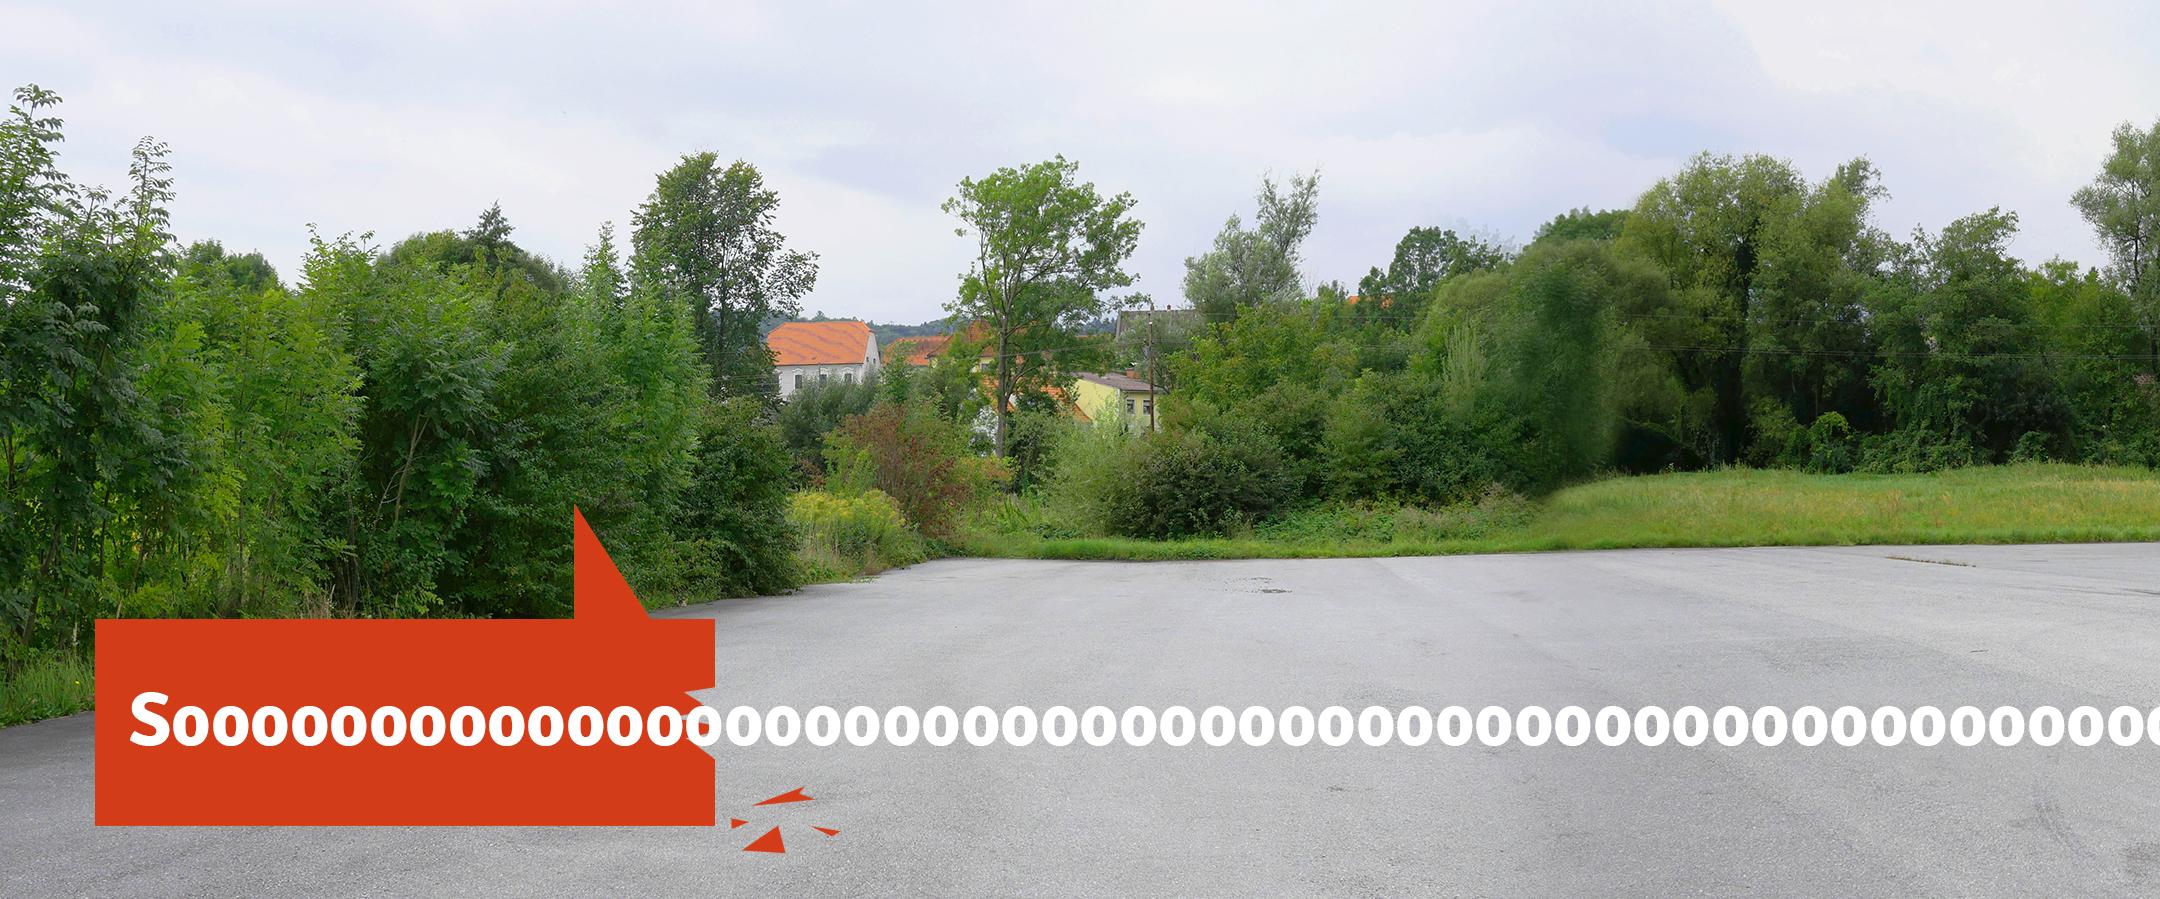 FKK_Ubungsplatz_Slider1